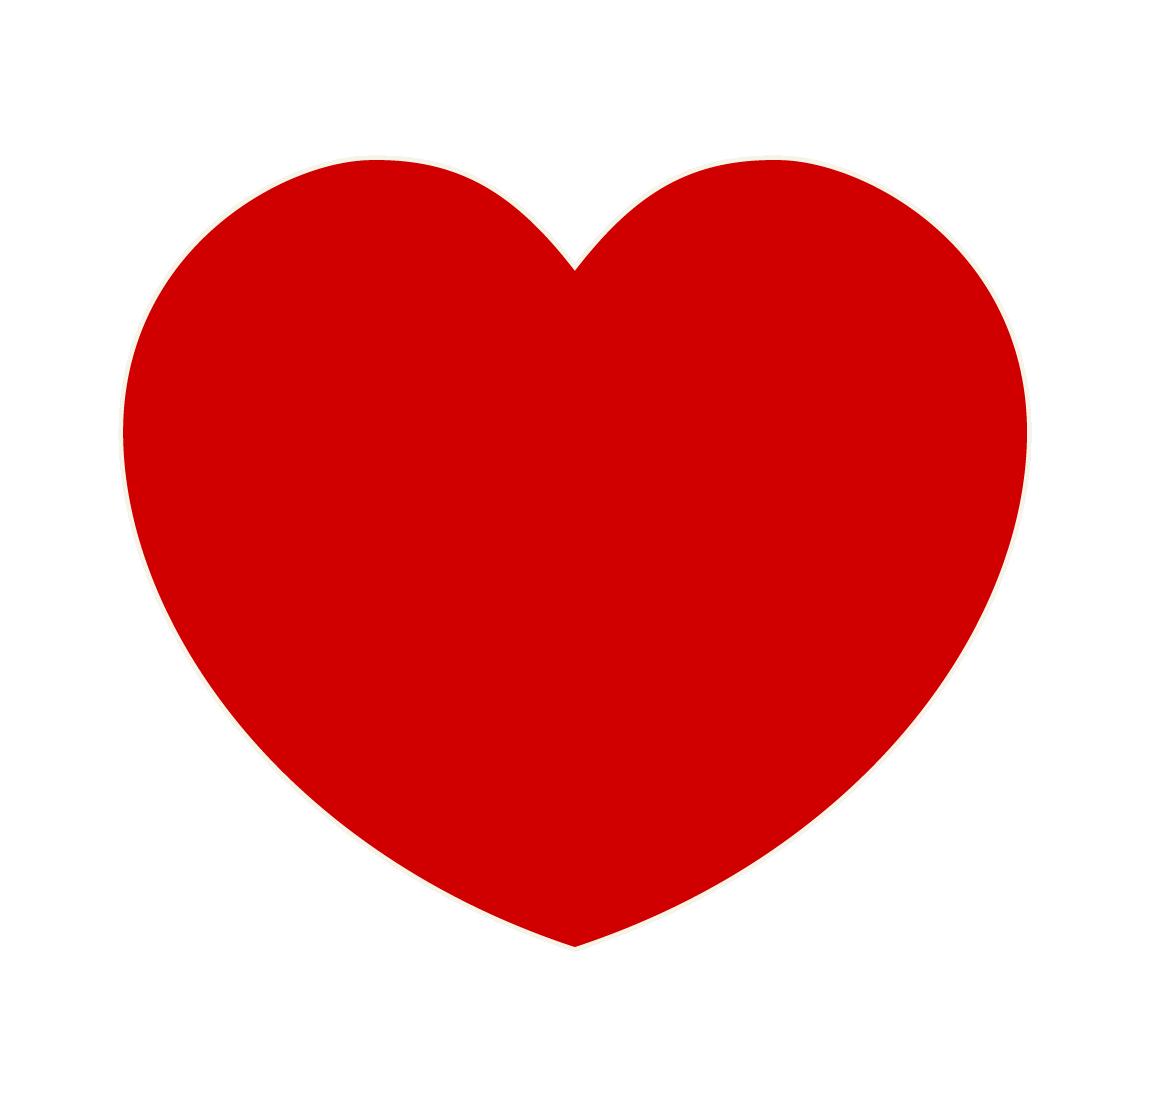 Buttons WELL Wellness Heart